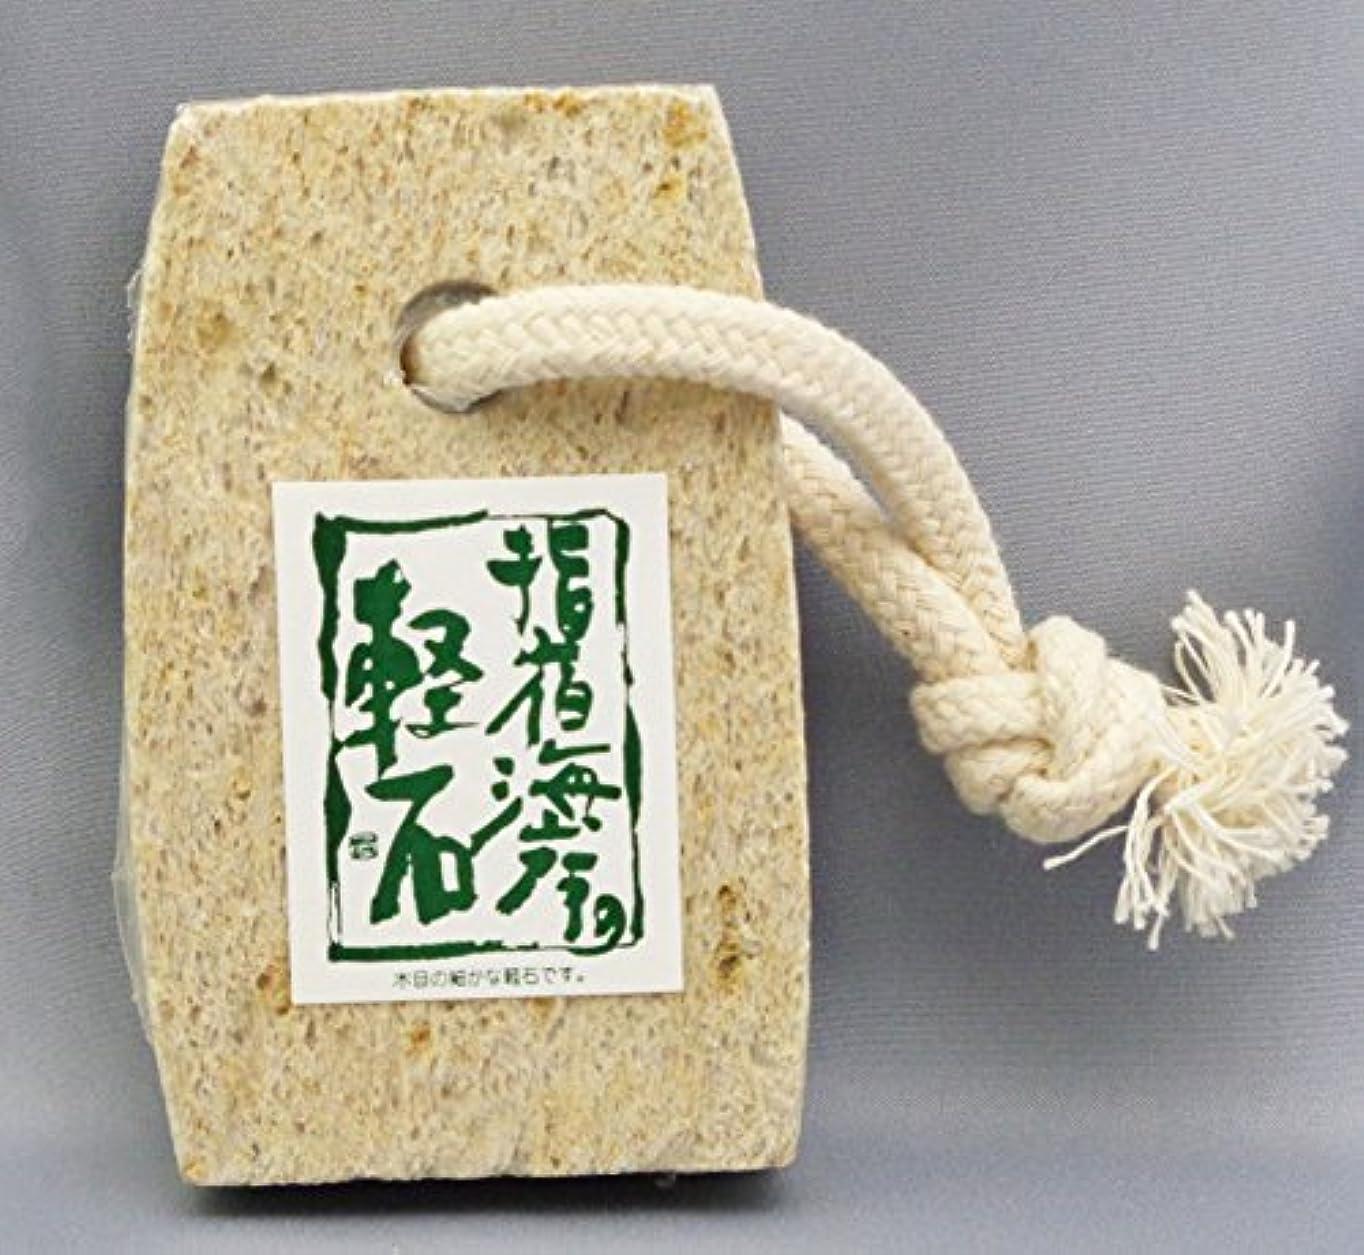 子供っぽい凍る不明瞭シオザキ No.3 中判軽石 (ヒモ付き)指宿の軽石